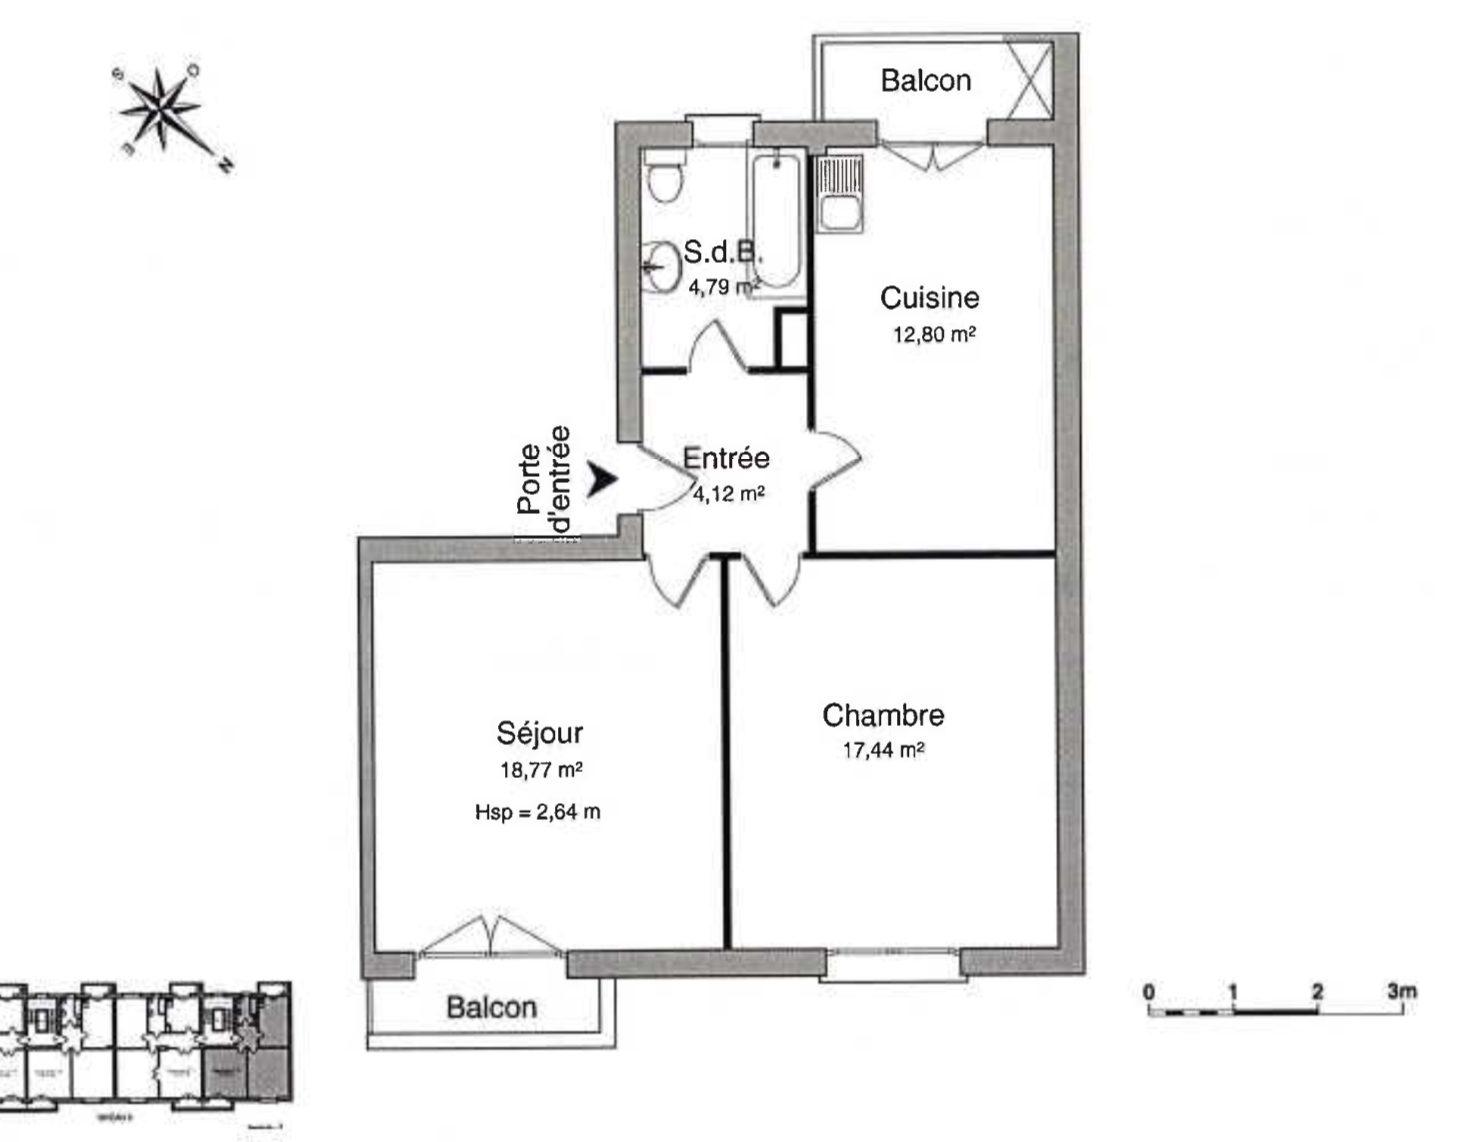 2 PIECES REFAIT A NEUF - Devenez locataire en toute sérénité - Bintz Immobilier - 4